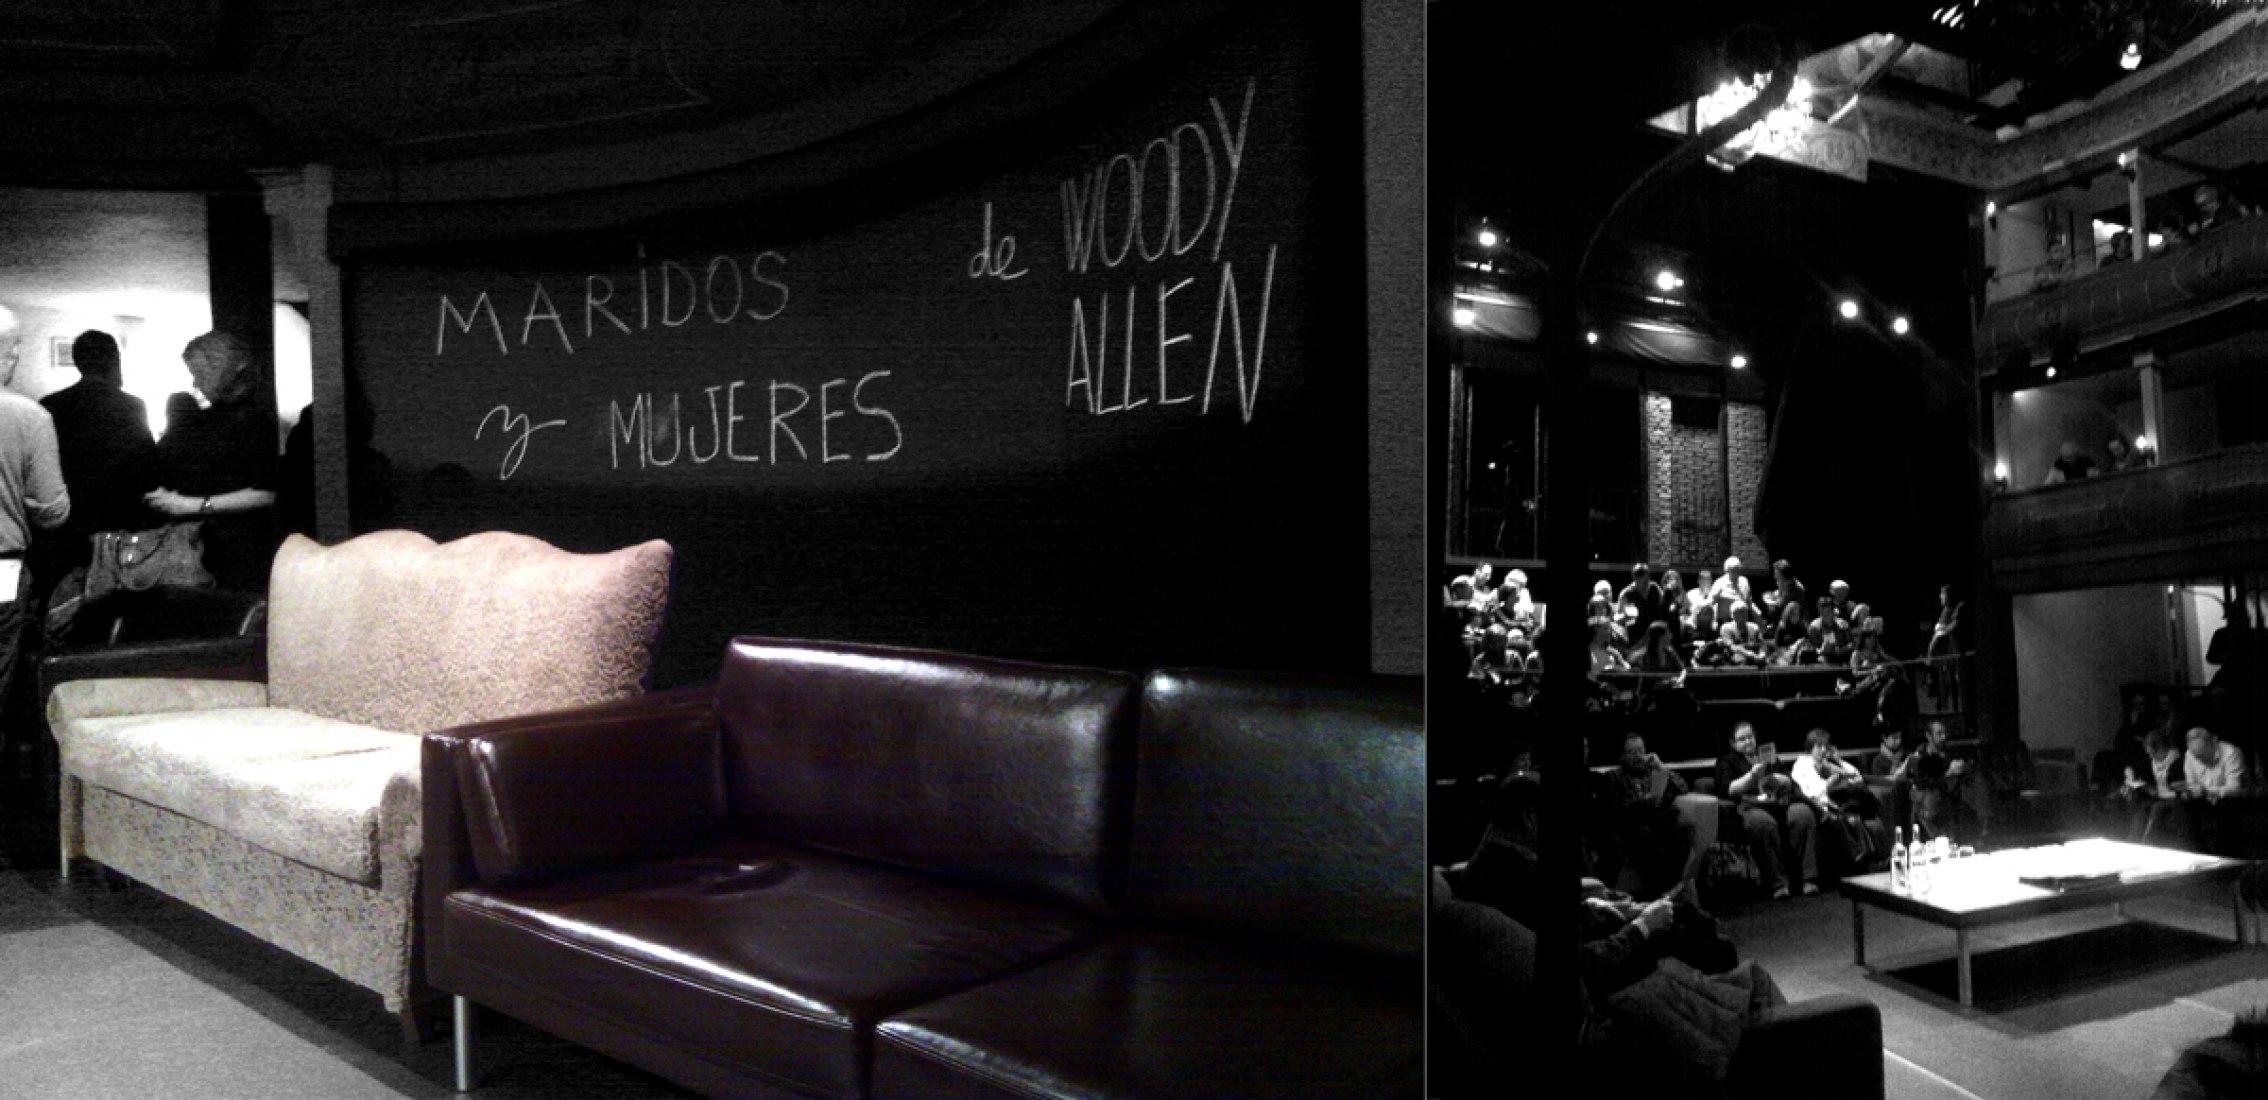 """""""Maridos y Mujeres"""" de Woody Allen en el Corral de Comedias de Alcalá de Henares. Fotografías © Verónica Roseo."""